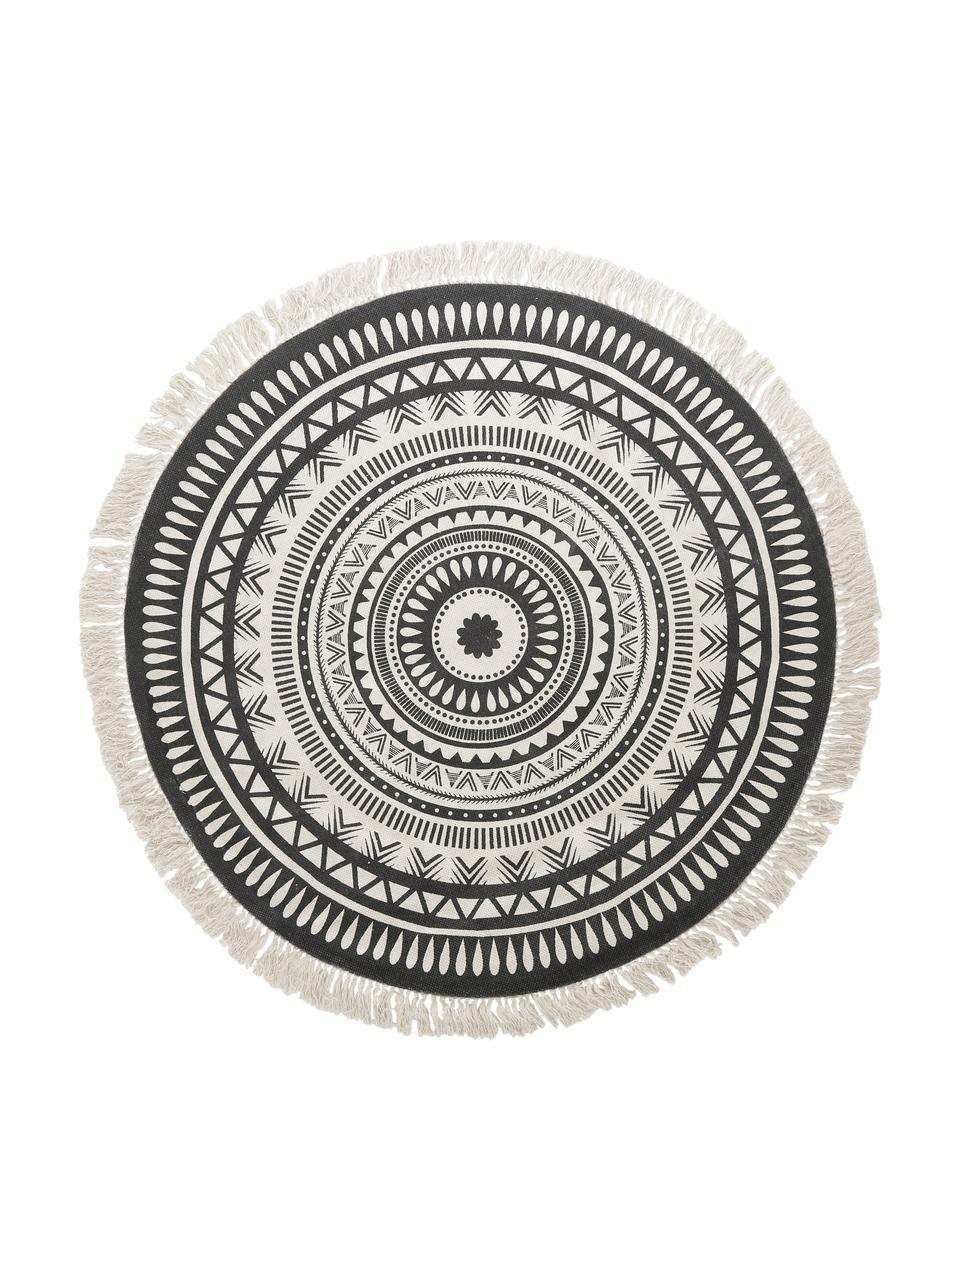 Runder Teppich Benji mit Fransen, flachgewebt, Schwarz, Beige, Ø 150 cm (Größe M)